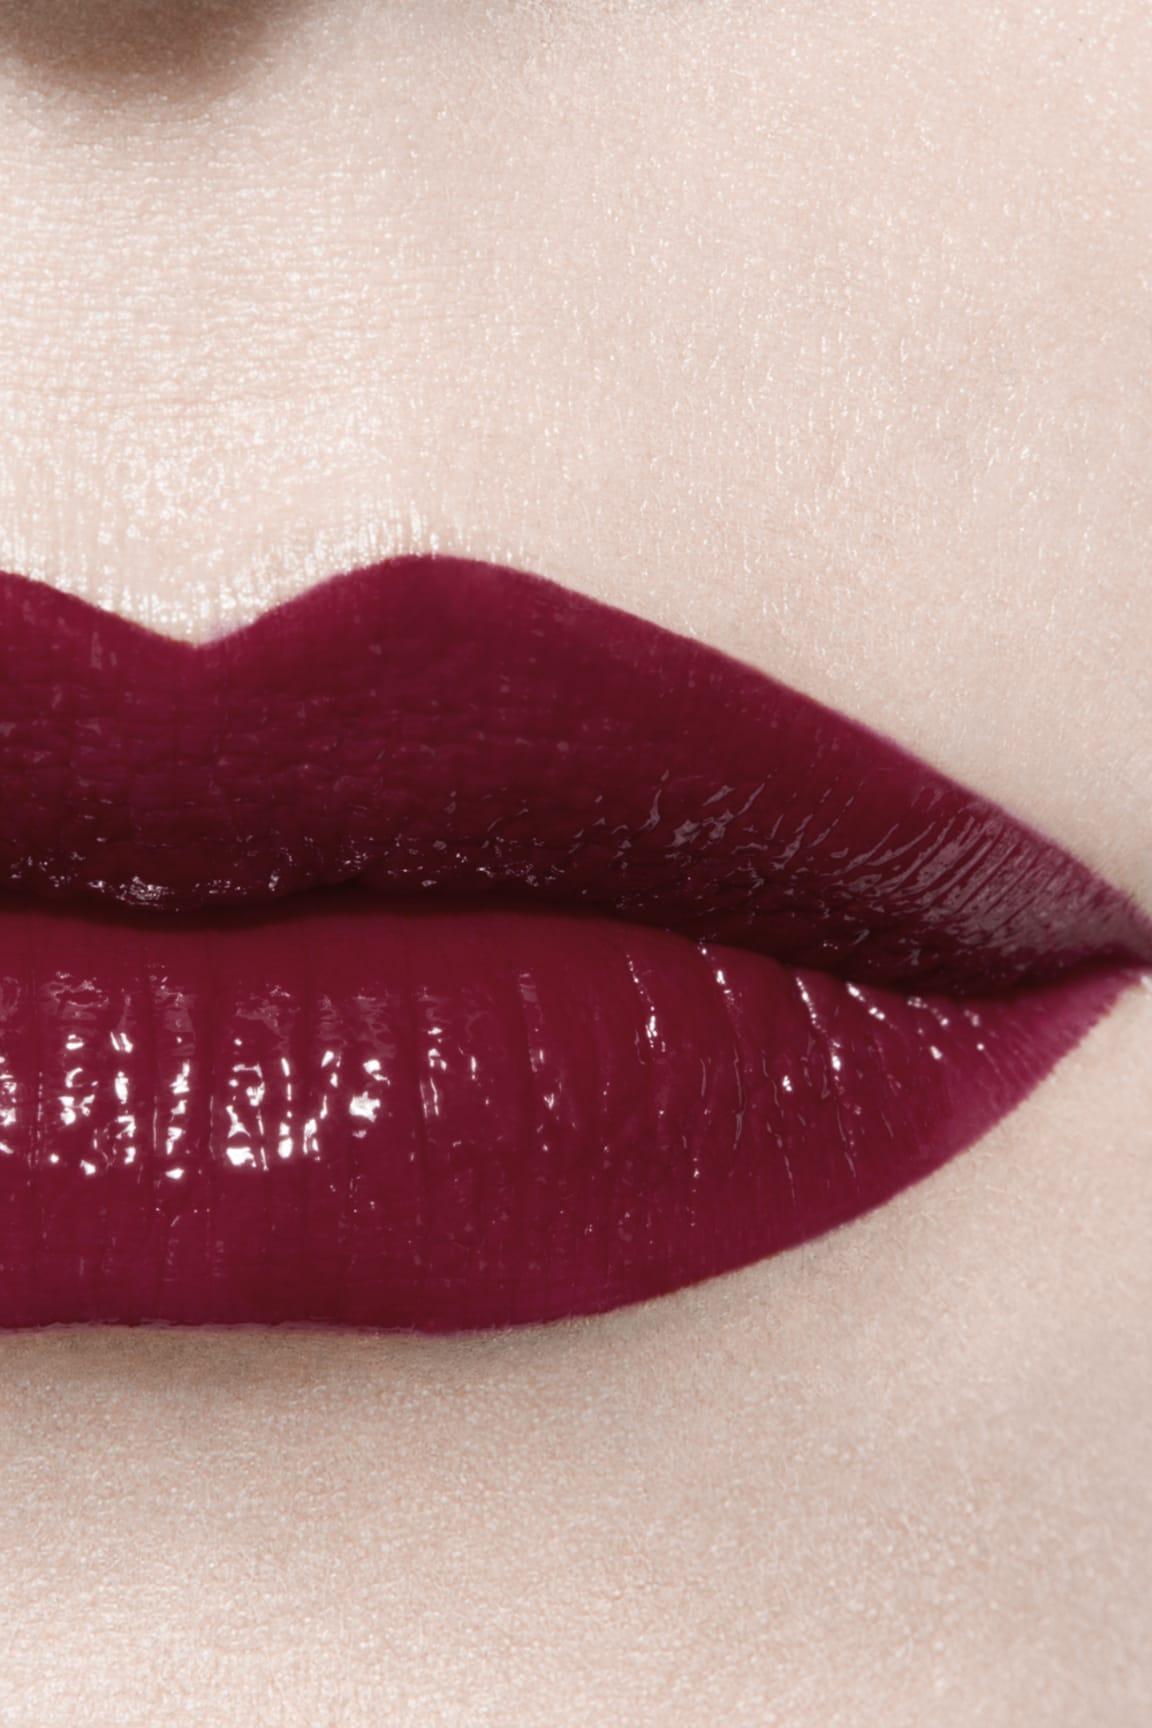 Imagen aplicación de maquillaje 3 - ROUGE ALLURE LAQUE 79 - ÉTERNITÉ